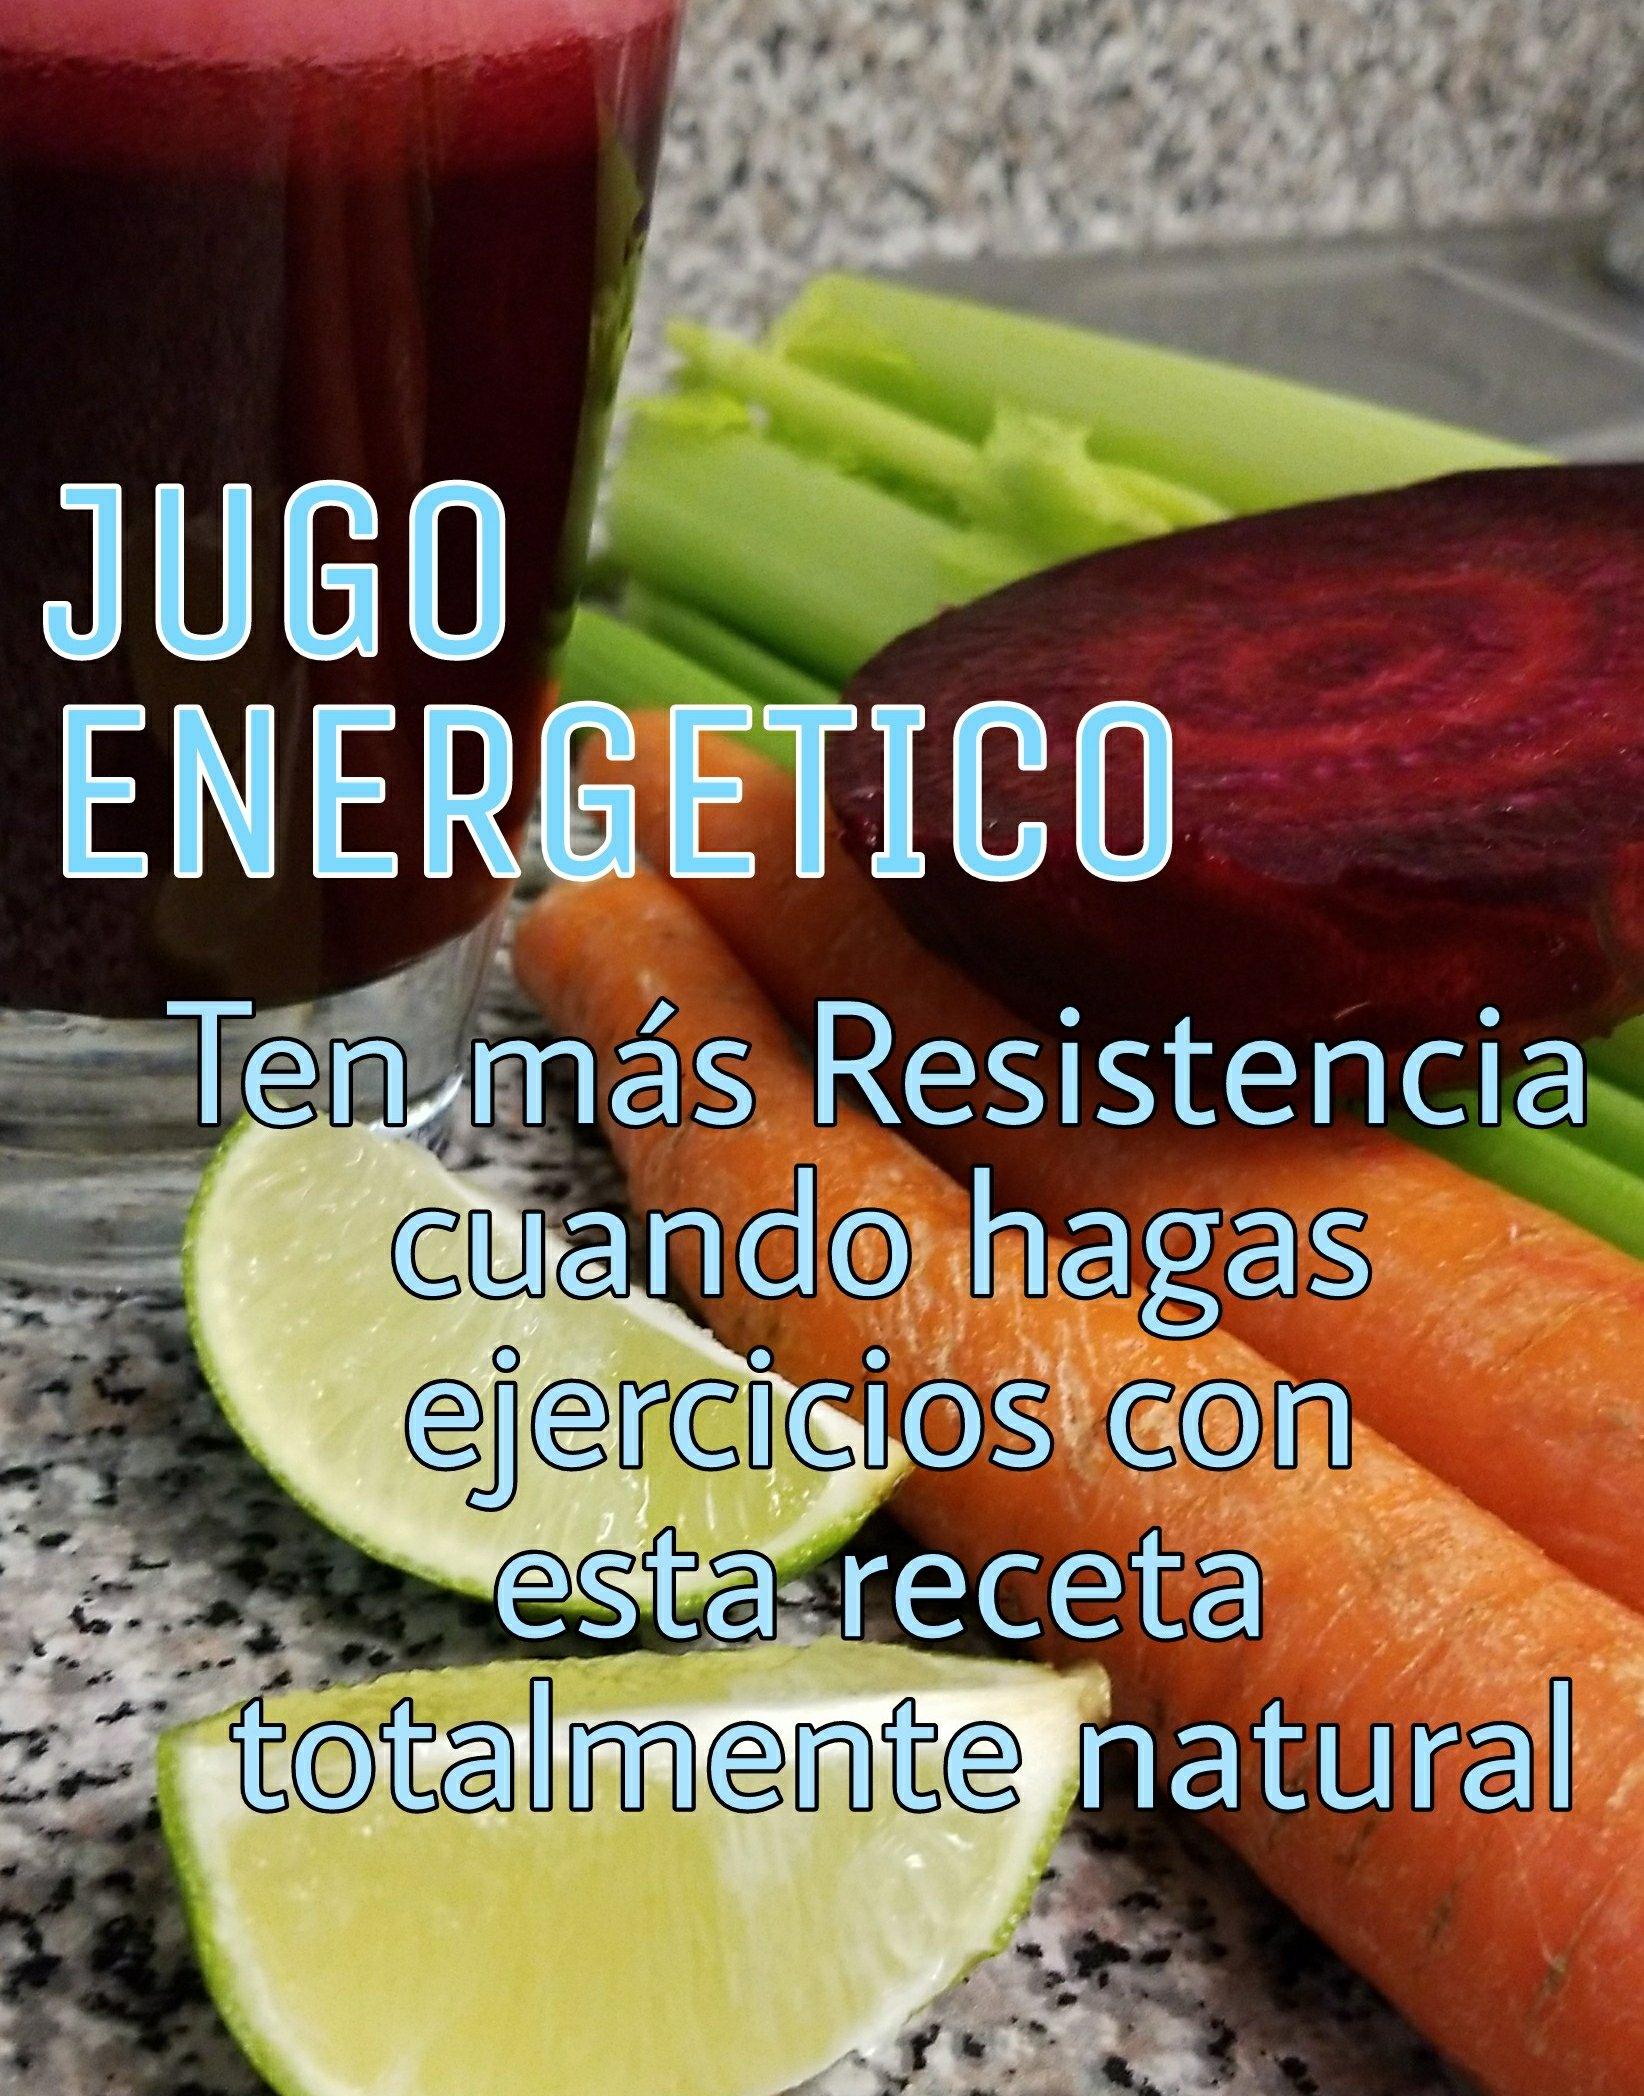 JUGO ENERGÉTICO RECETA